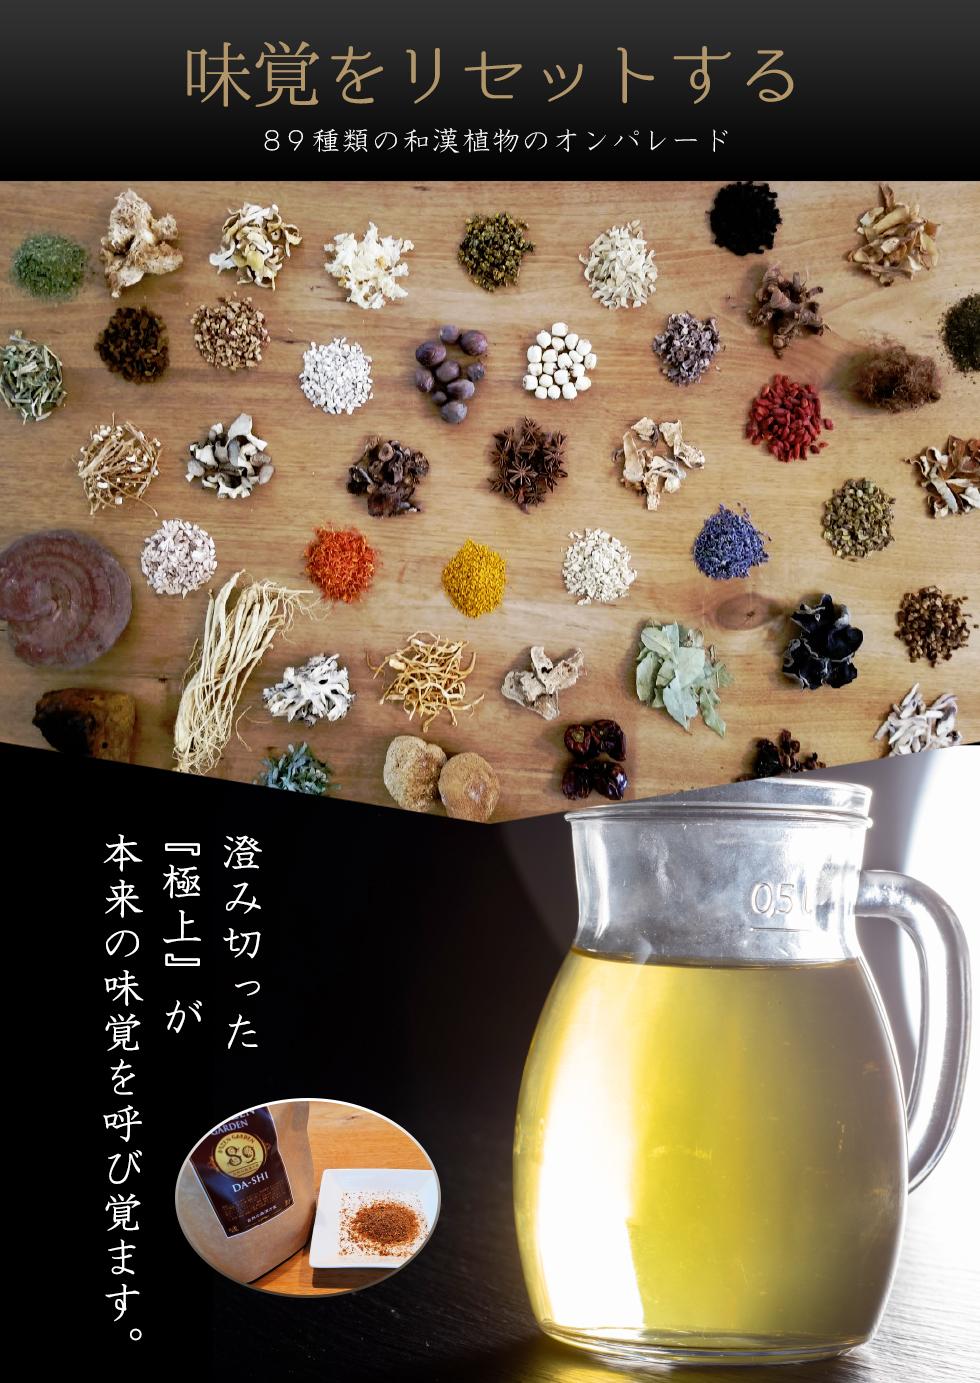 味覚をリセットする89種和漢植物のオンパレード 澄み切った「極上」が本来の味覚を呼び覚ます。